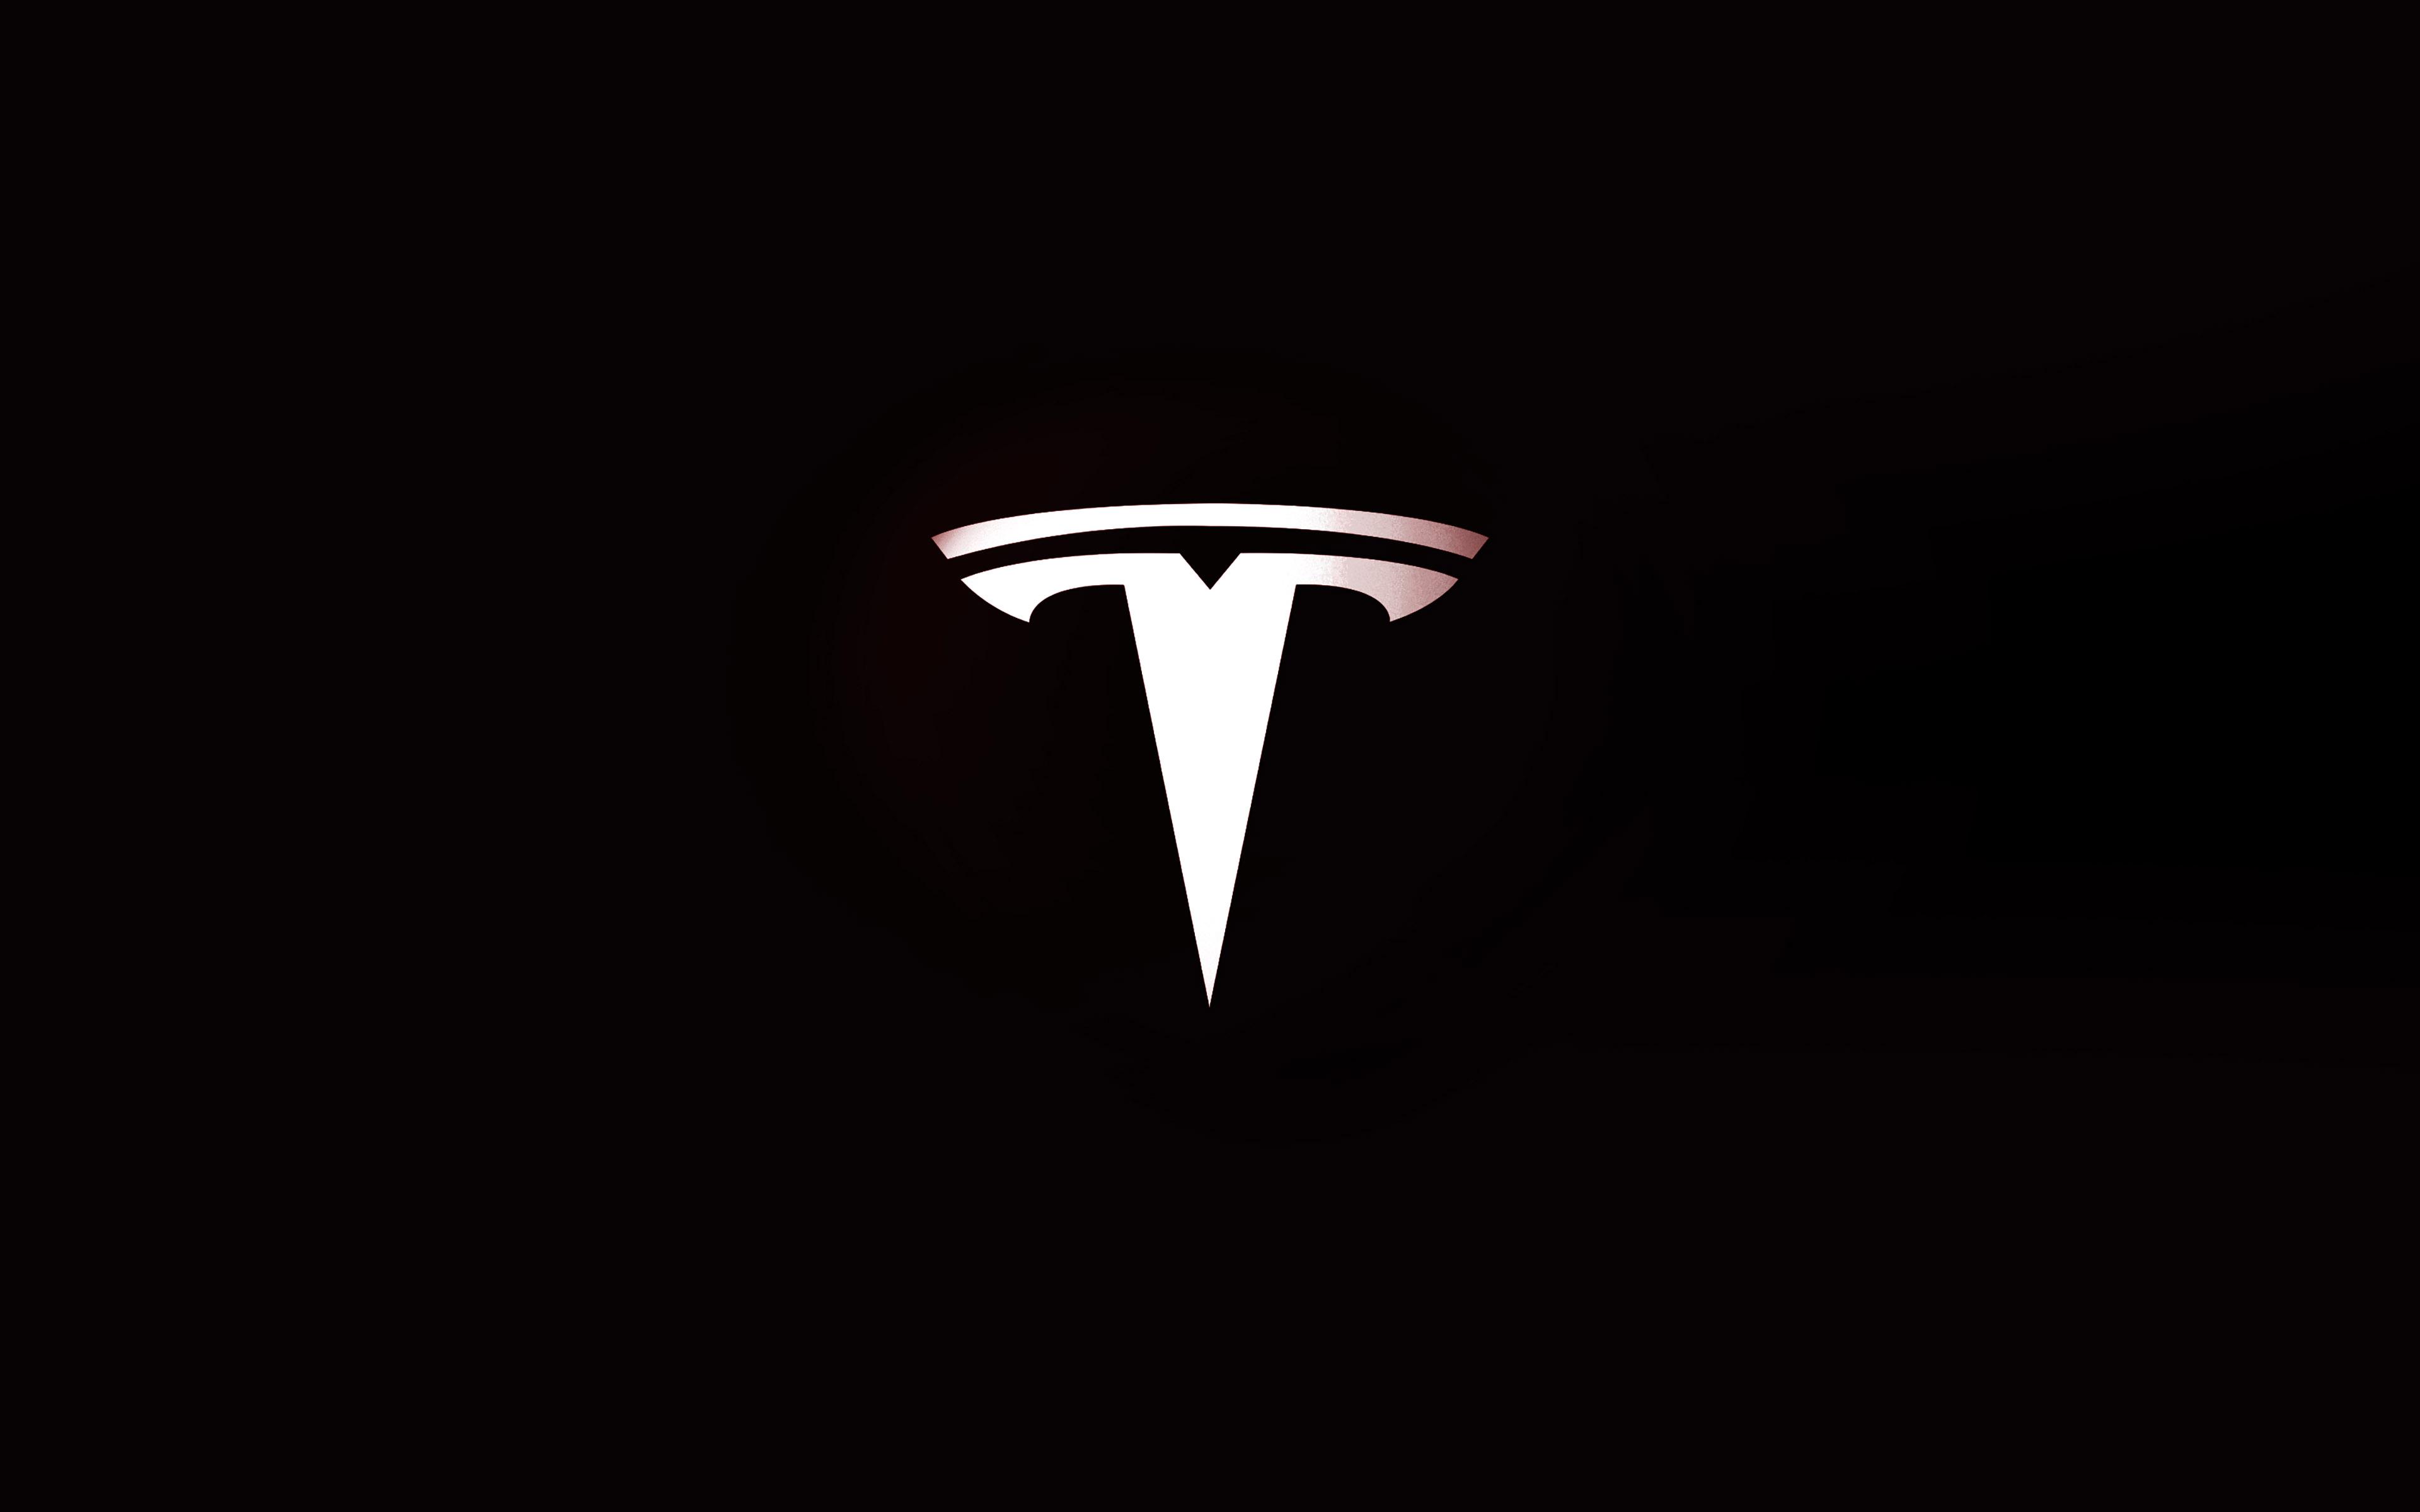 3d Parallax Wallpaper Pro Af30 Tesla Motors Logo Art